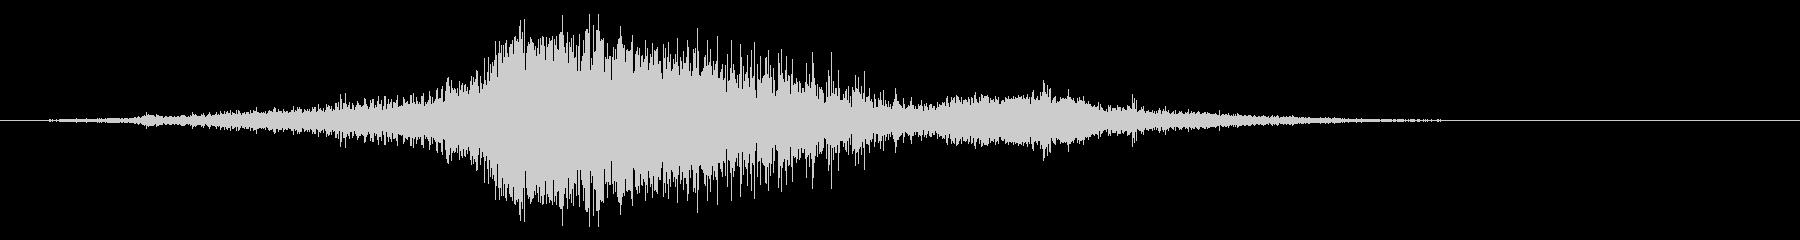 ナスカーレーシング; (2台)、L...の未再生の波形